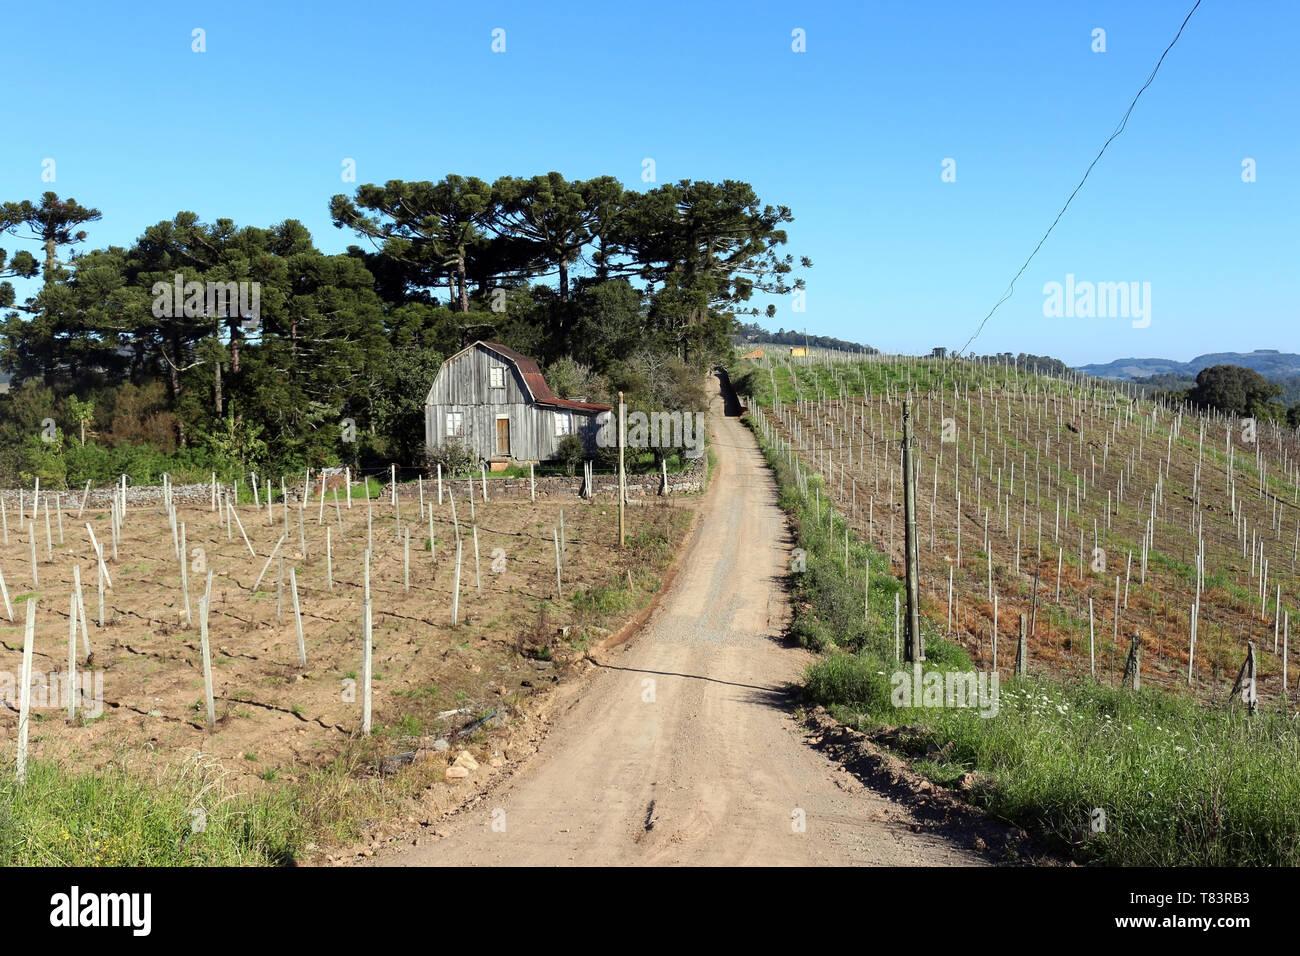 Regione Sud del Brasile, vecchia casa e picchiato road. Tradizioni con influenze italiane. Immagini Stock